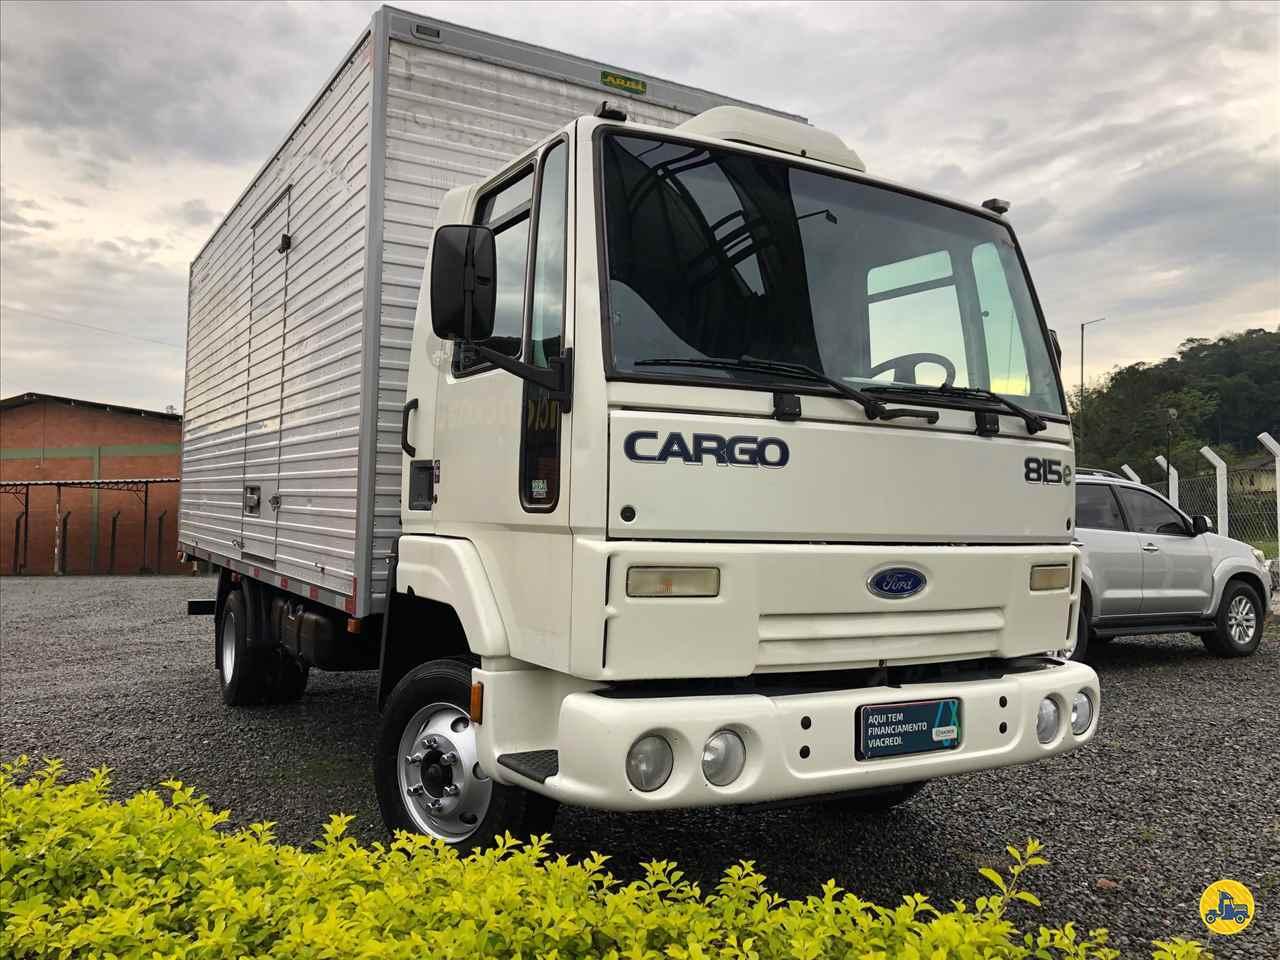 CAMINHAO FORD CARGO 815 Carga Seca 3/4 4x2 Divisa Caminhões INDAIAL SANTA CATARINA SC